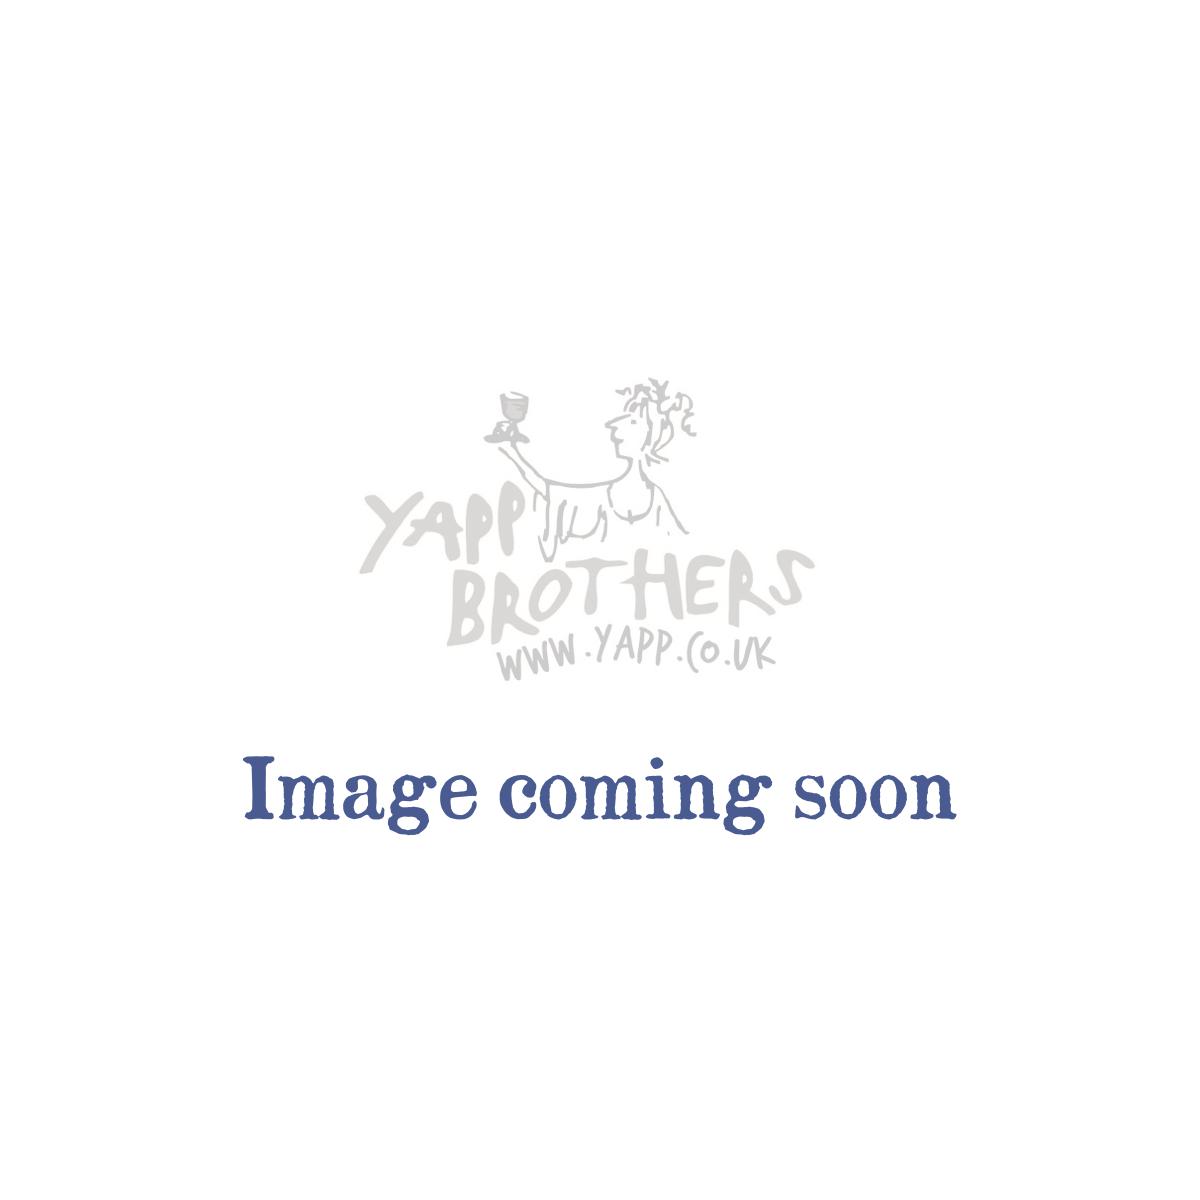 Bordeaux: Domaine de Chevalier 'L'Esprit de Chevalier' 2015 - Bottle Rear Label